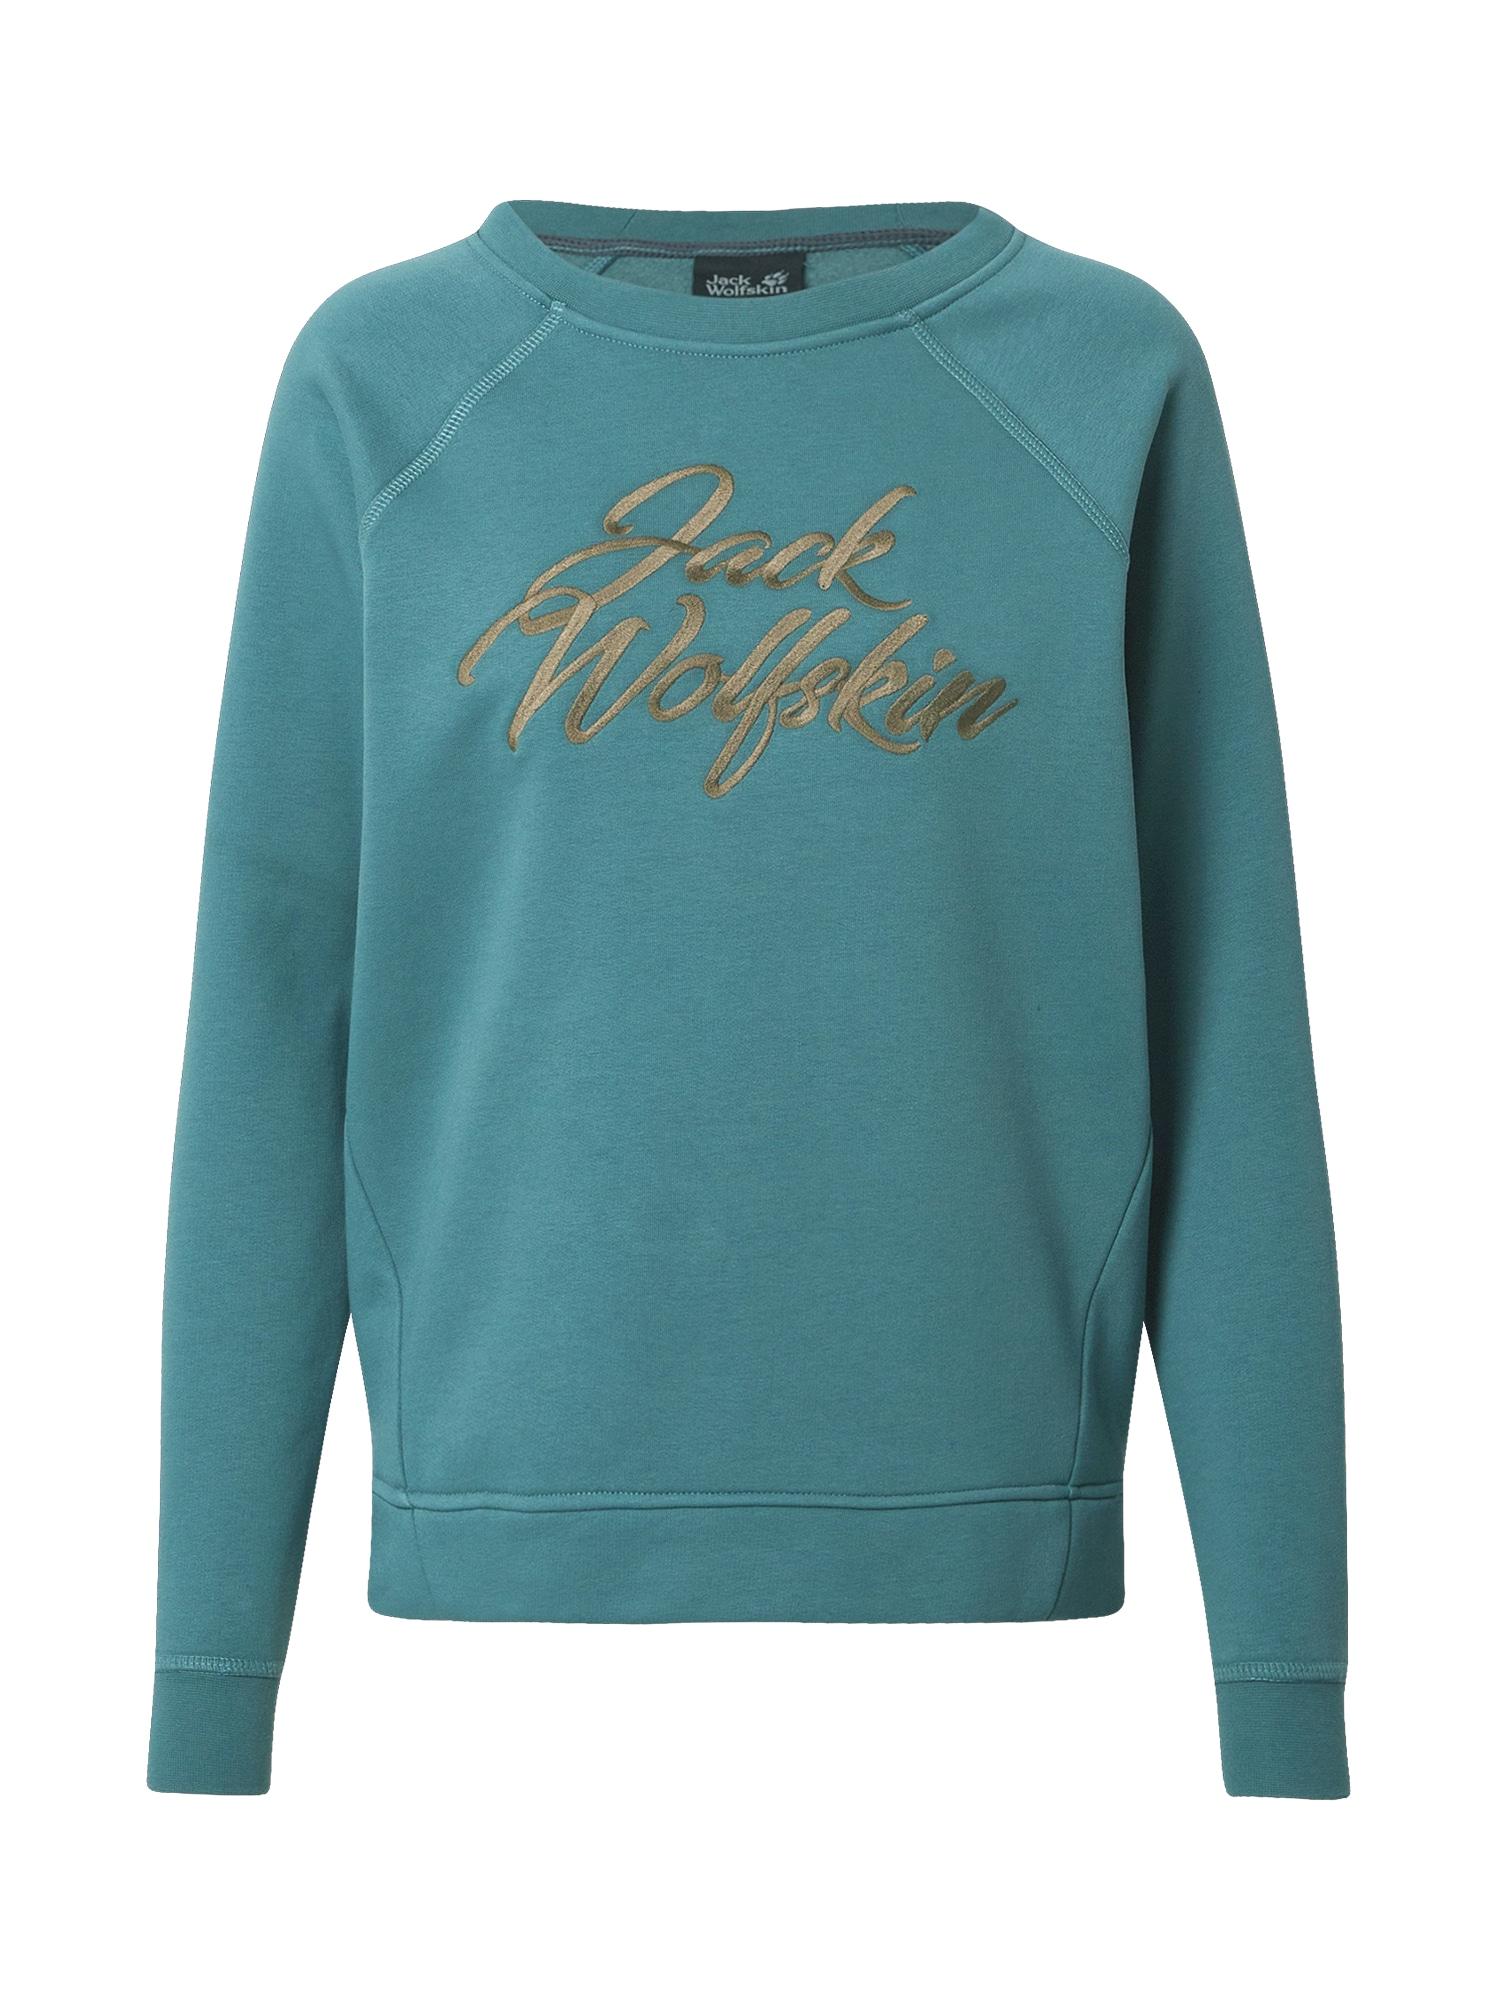 JACK WOLFSKIN Sportinio tipo megztinis pastelinė mėlyna / šviesiai ruda